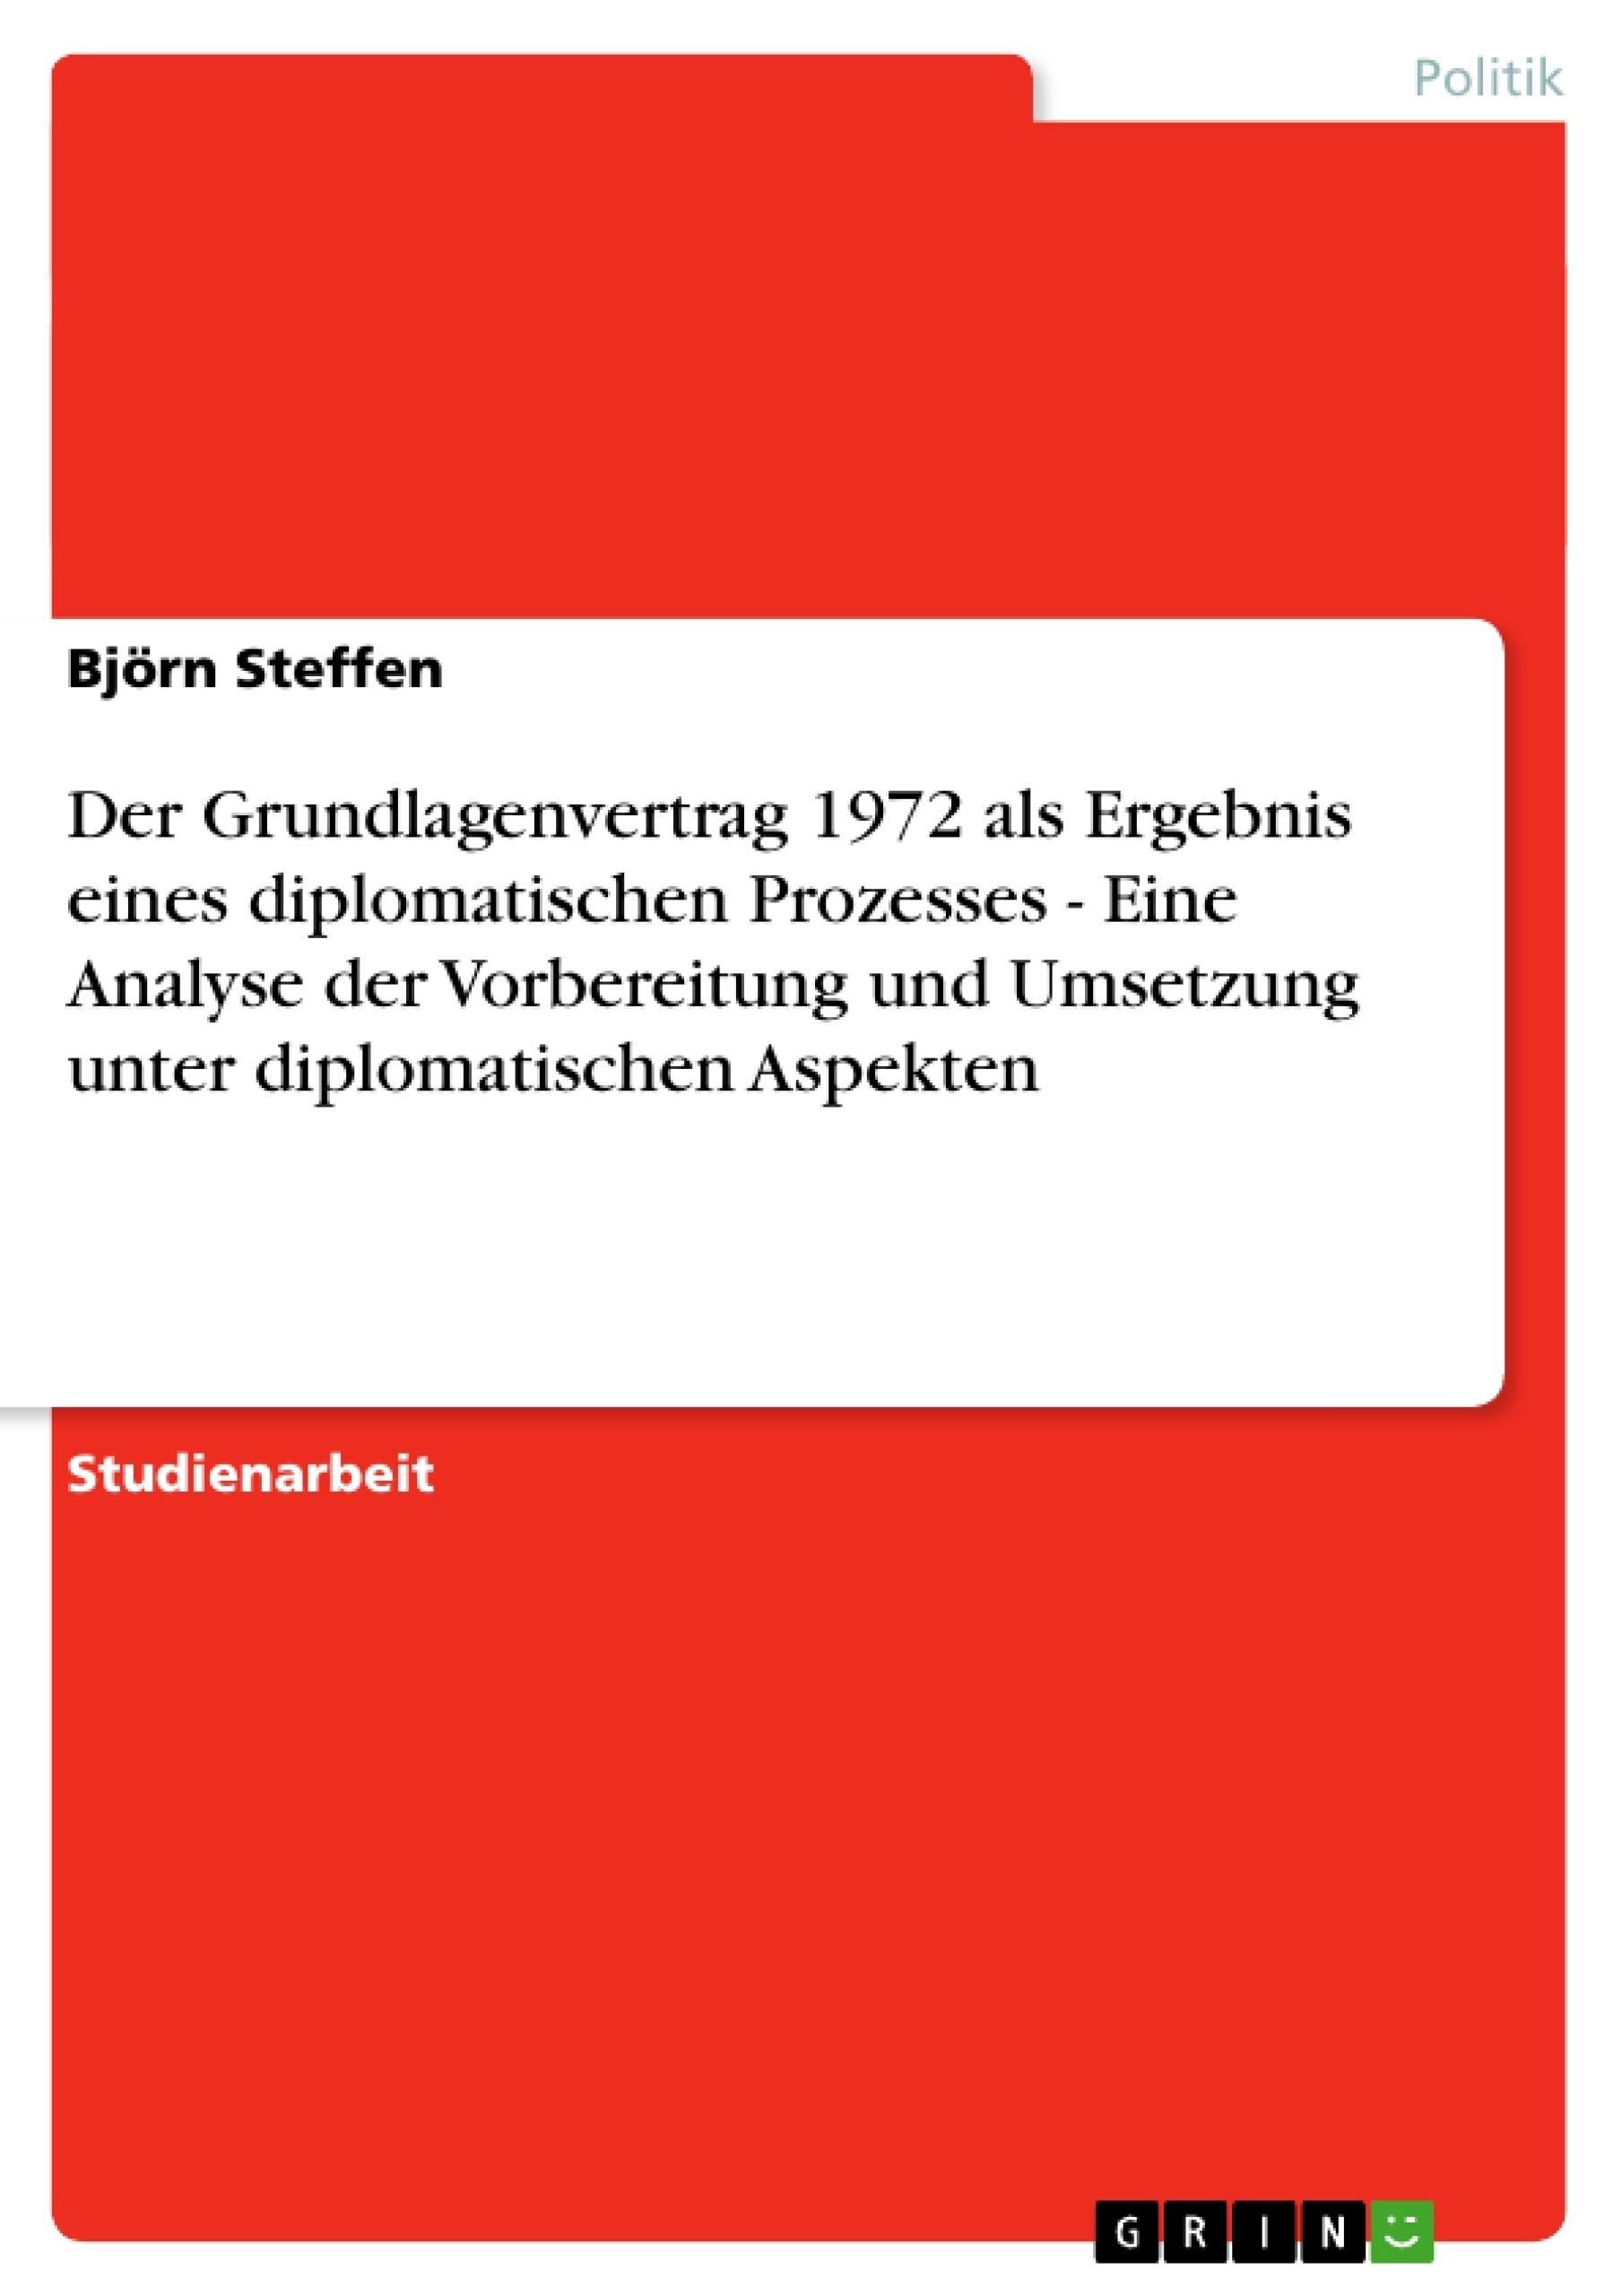 Titel: Der Grundlagenvertrag 1972 als Ergebnis eines diplomatischen Prozesses - Eine Analyse der Vorbereitung und Umsetzung unter diplomatischen Aspekten